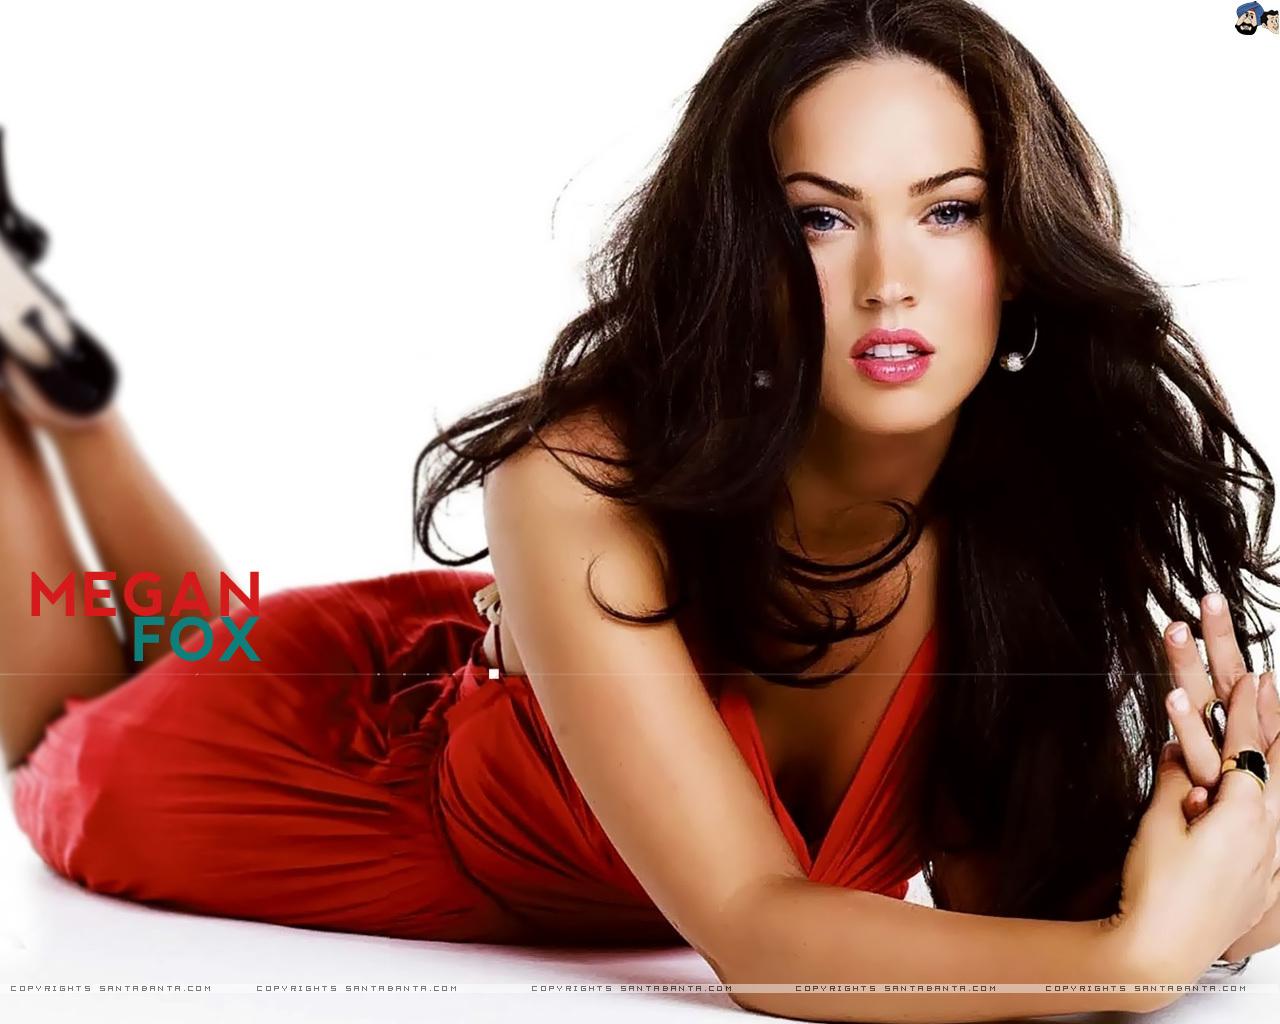 http://1.bp.blogspot.com/_JCWAaw3H-w4/TMW632aqhEI/AAAAAAAAADU/rddD2QlaYpo/s1600/Megan+Fox2.jpg